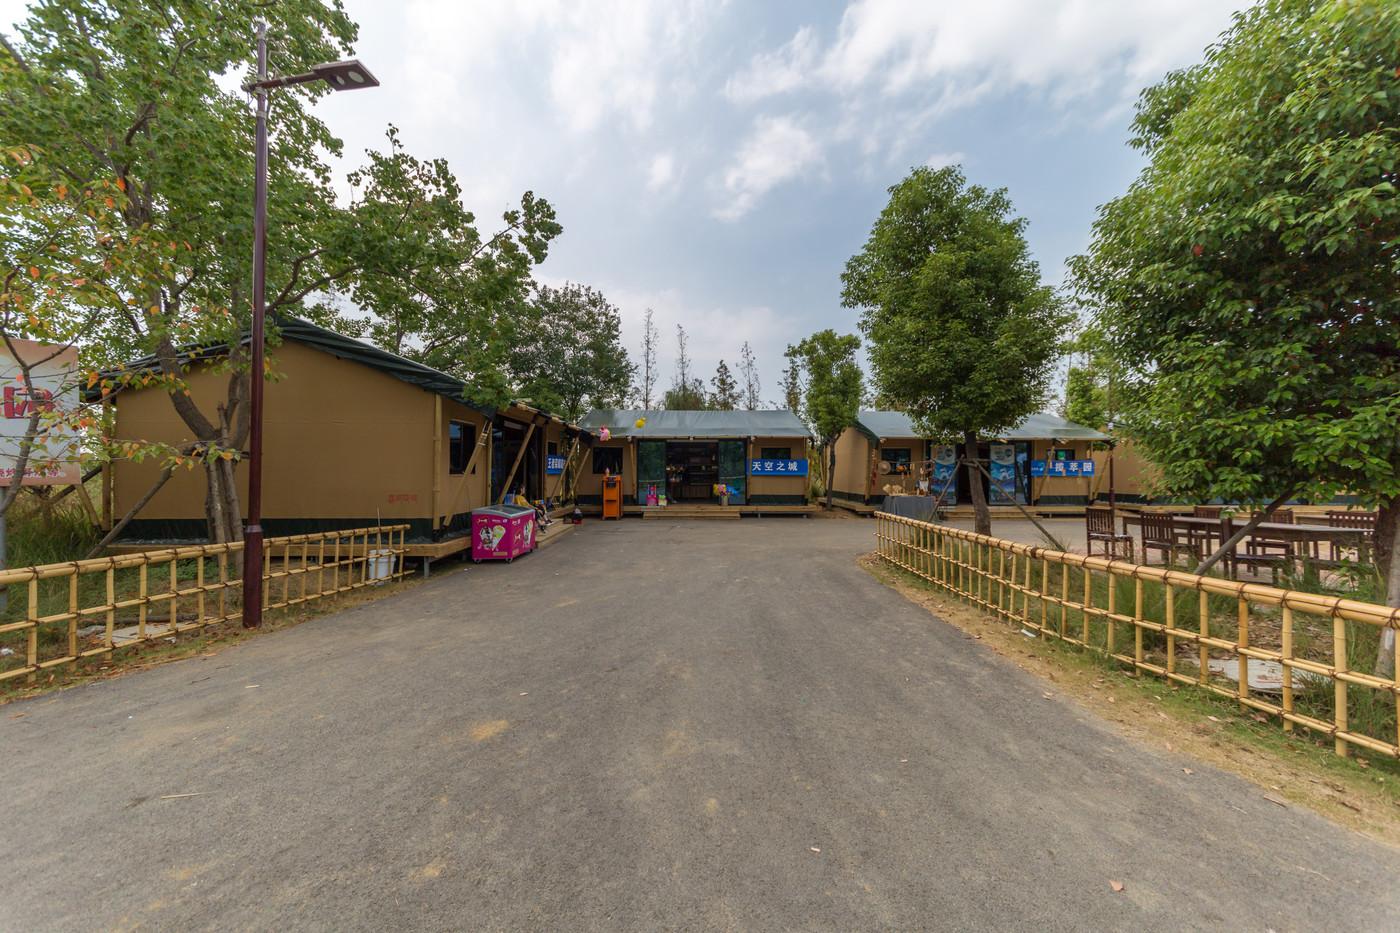 喜马拉雅野奢帐篷酒店—淮安白马湖度假区商铺2